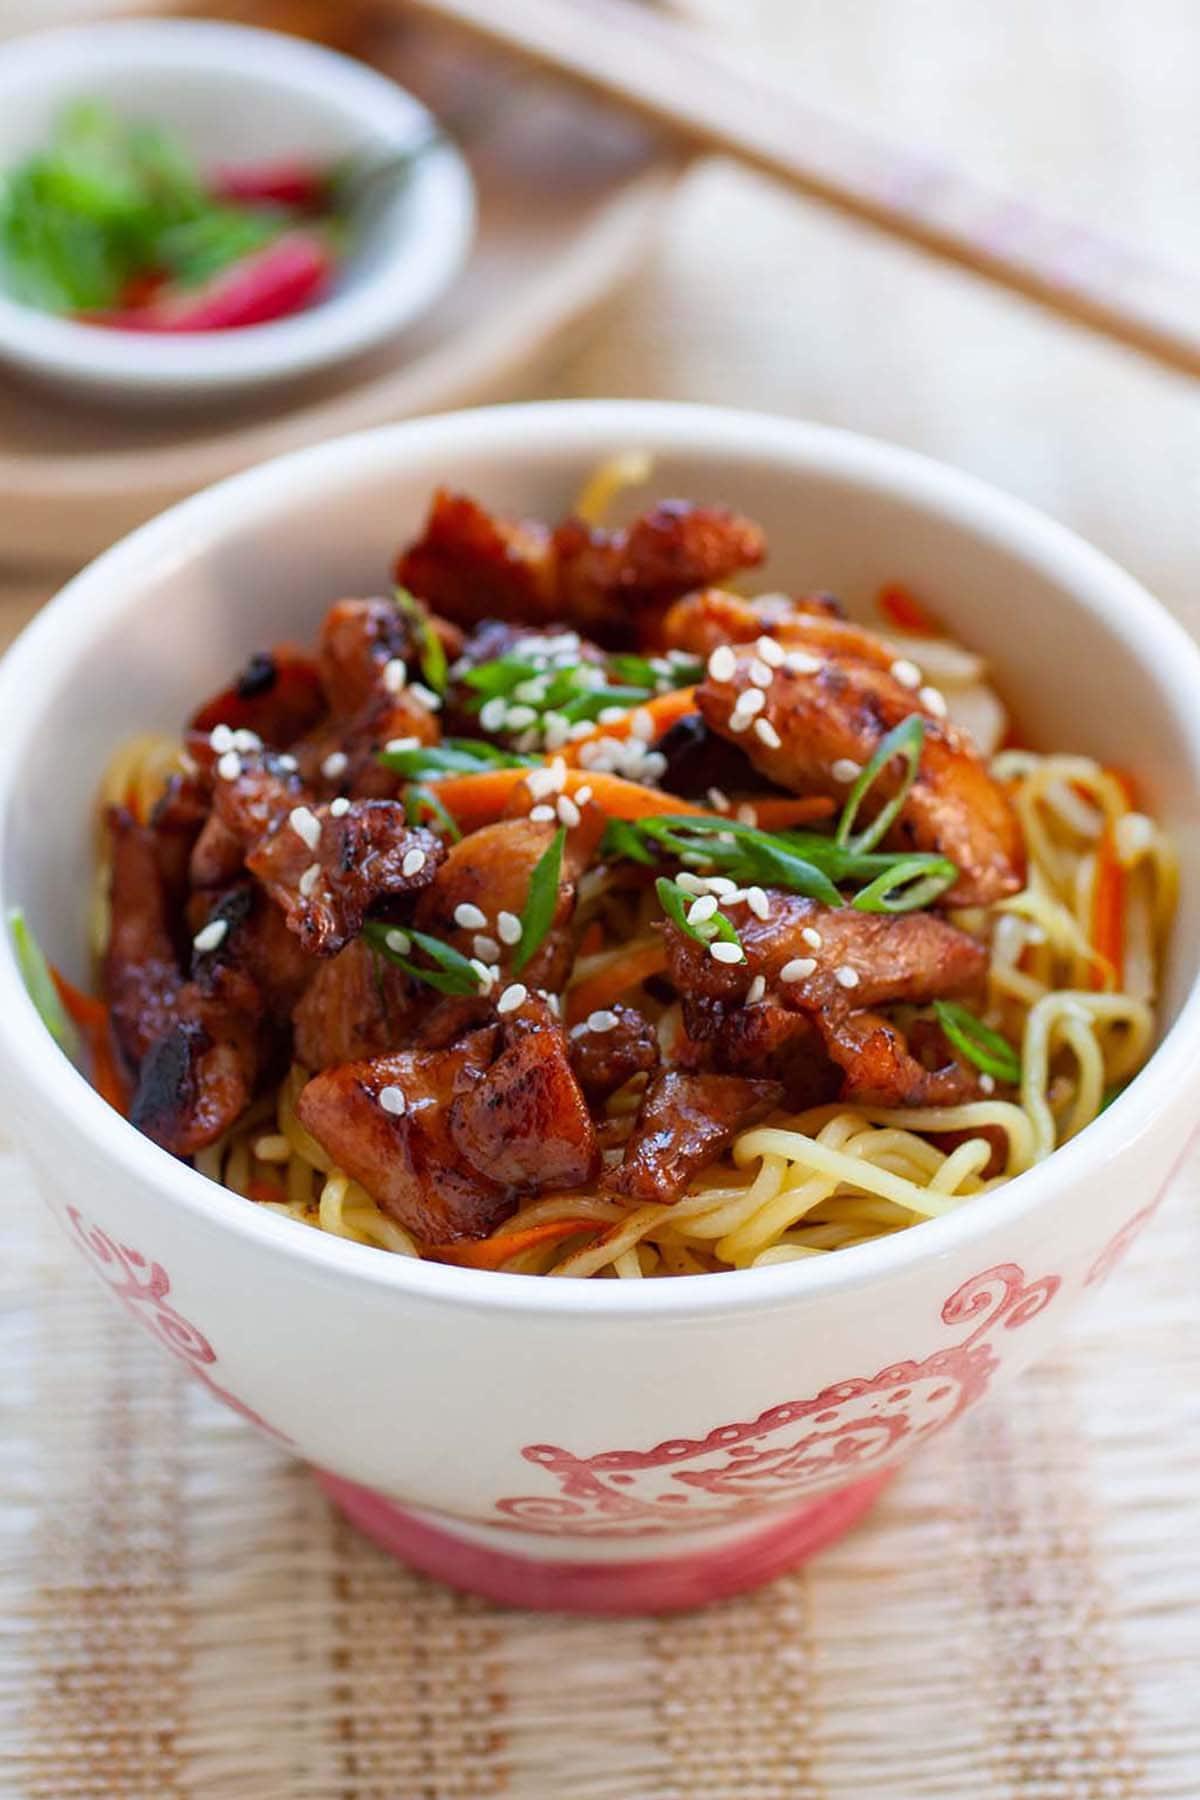 Nouilles sautées au poulet avec carottes et oignons verts dans un bol.